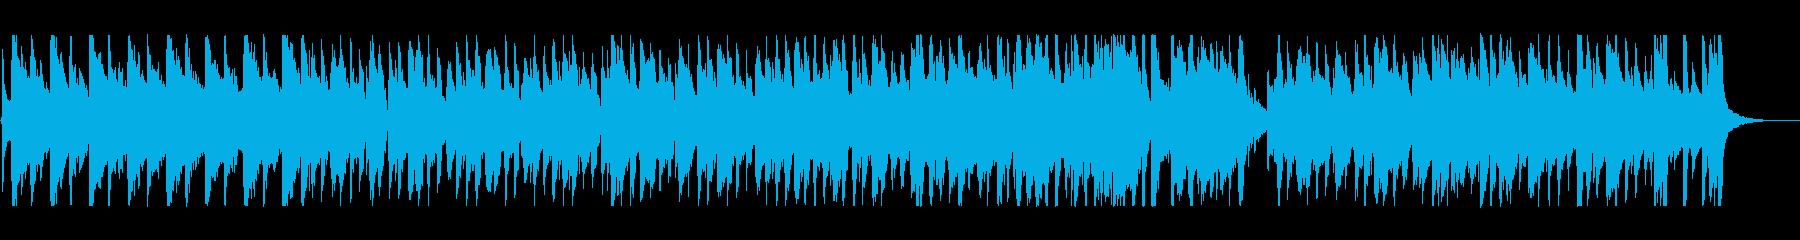 ゆったりリラックスできるクリスマスBGMの再生済みの波形